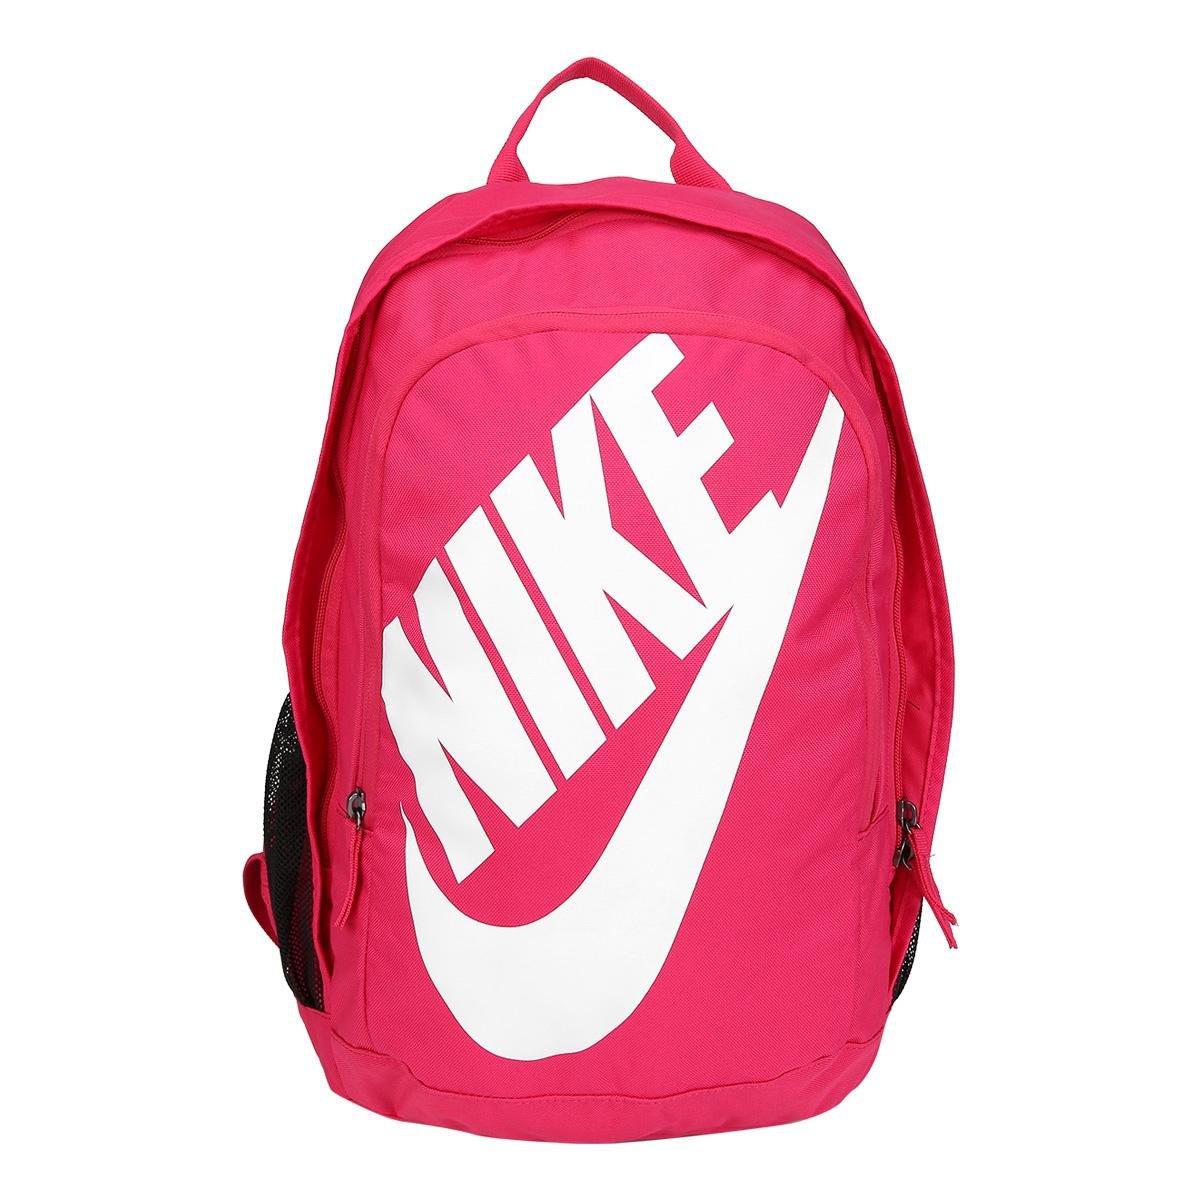 93a27c6c6 Mochila Nike Hayward Futura 2.0 | Livelo -Sua Vida com Mais Recompensas